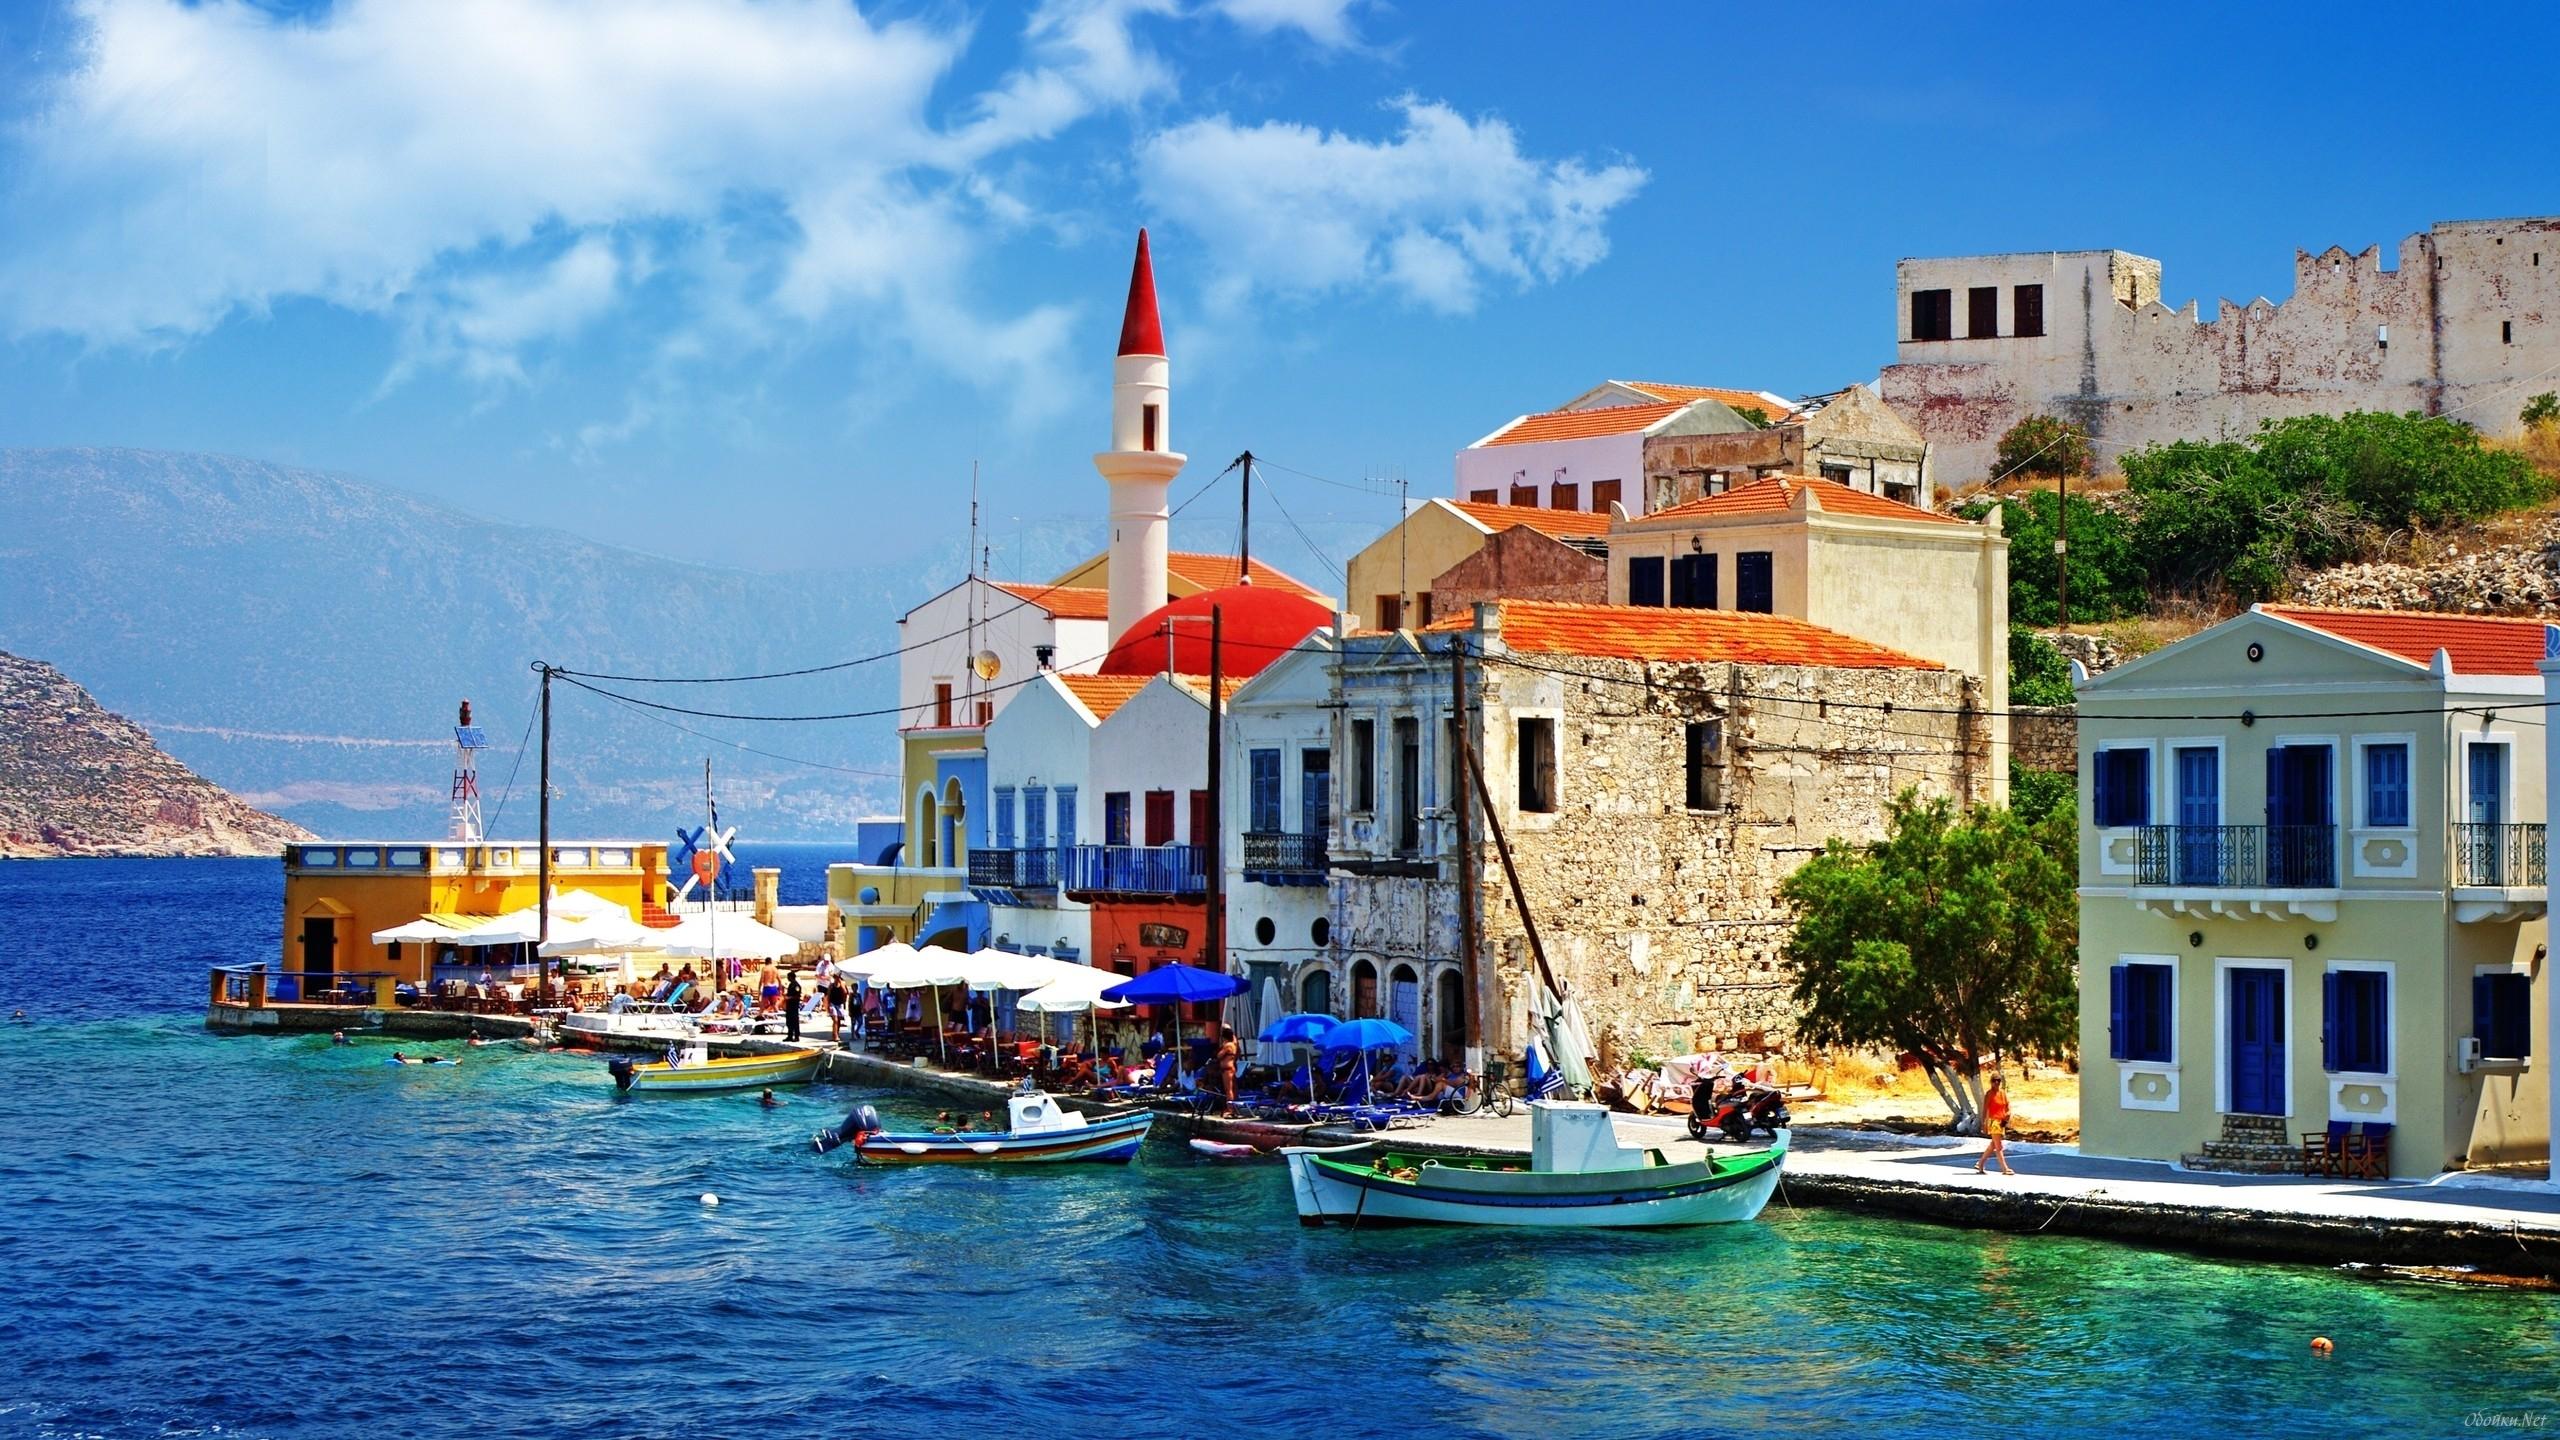 resort-town-in-montenegro-hd-desktop-wallpaper